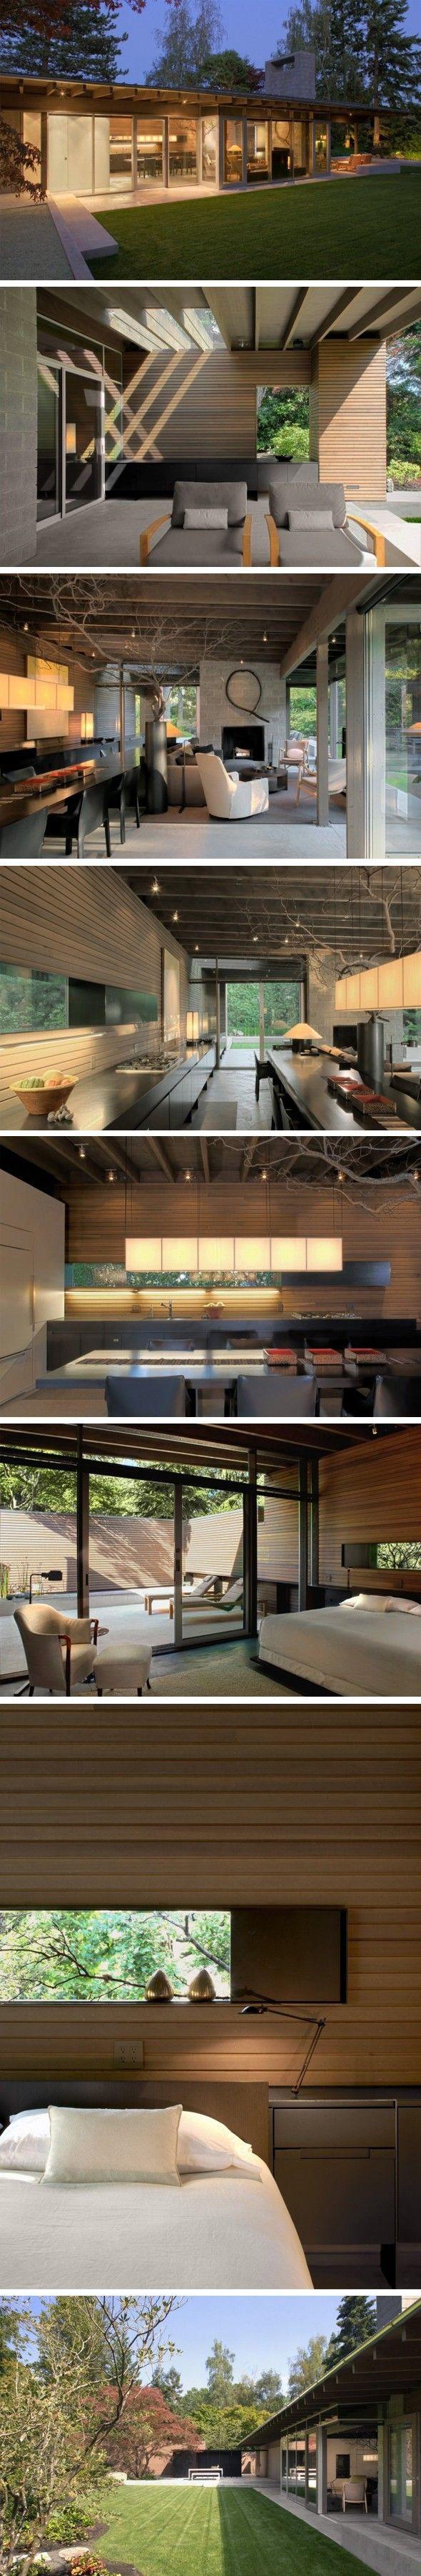 Urban Cabin par Suyama Peterson Deguchi | Architektur, Moderne ...